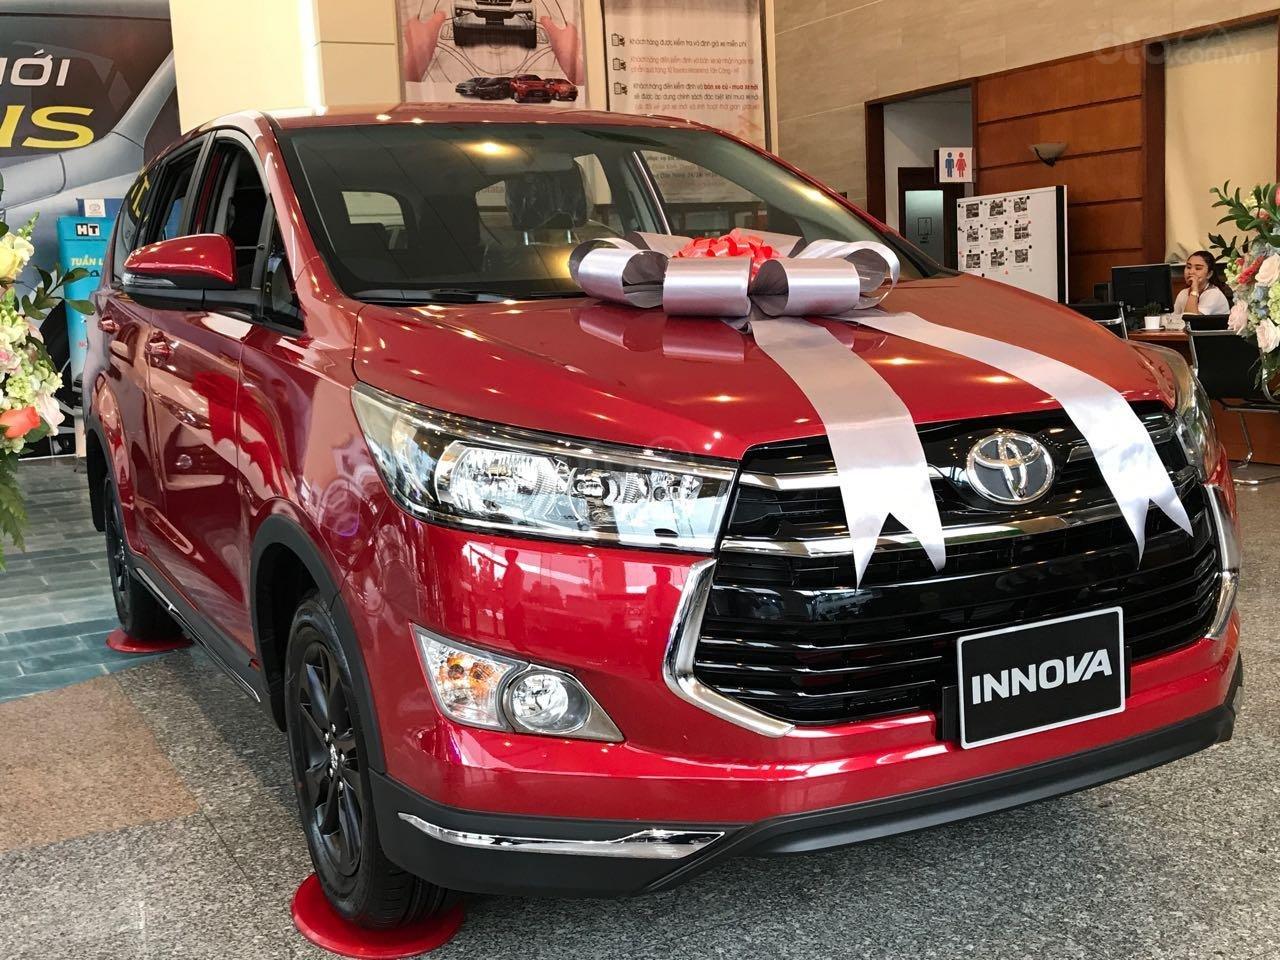 Toyota Tân Cảng - Ưu đãi xe Innova 2.0 Venturer - trả trước 200tr nhận xe, hotline 0933000600 (2)